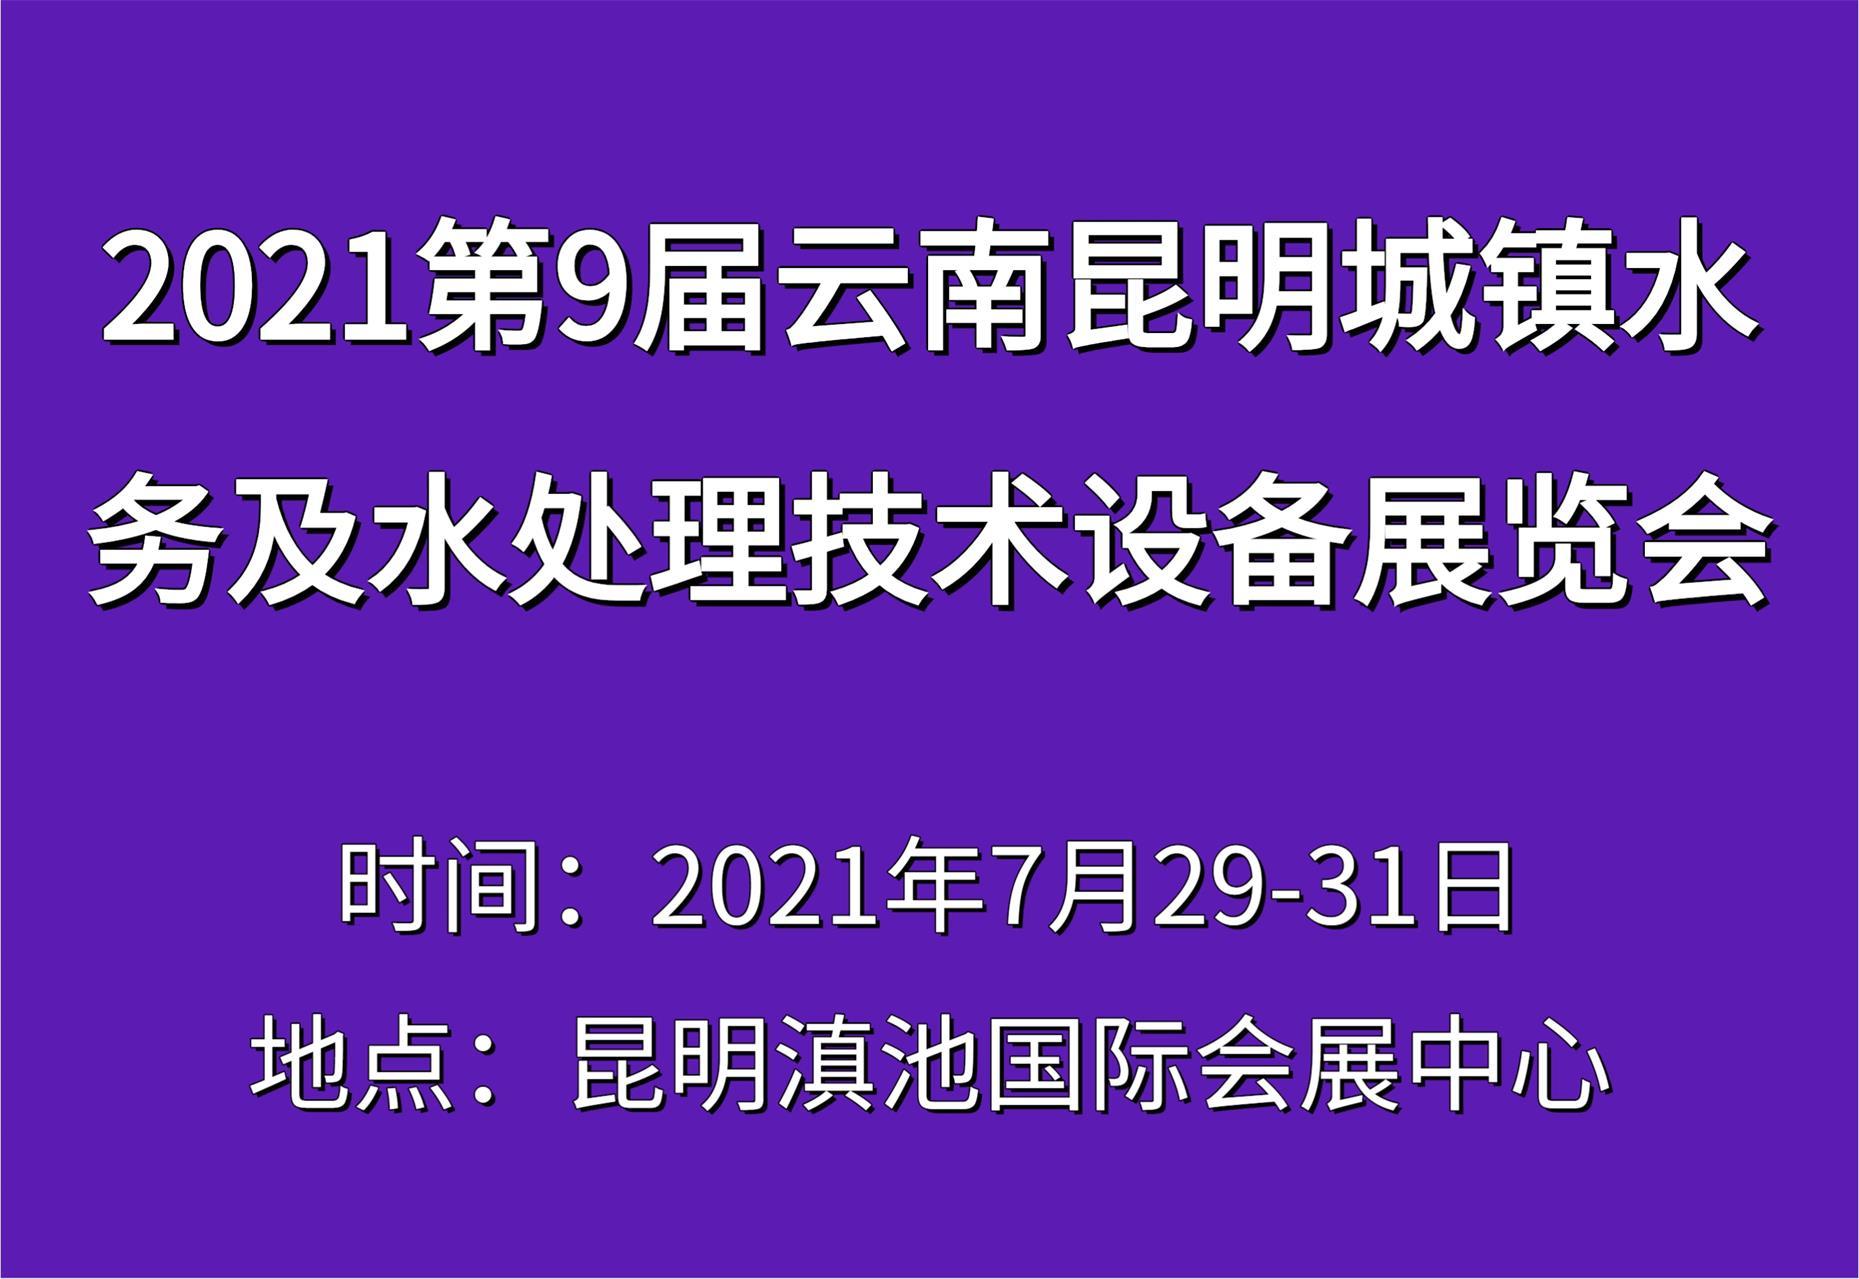 2021第9届云南昆明城镇水务及水处理技术设备展览会